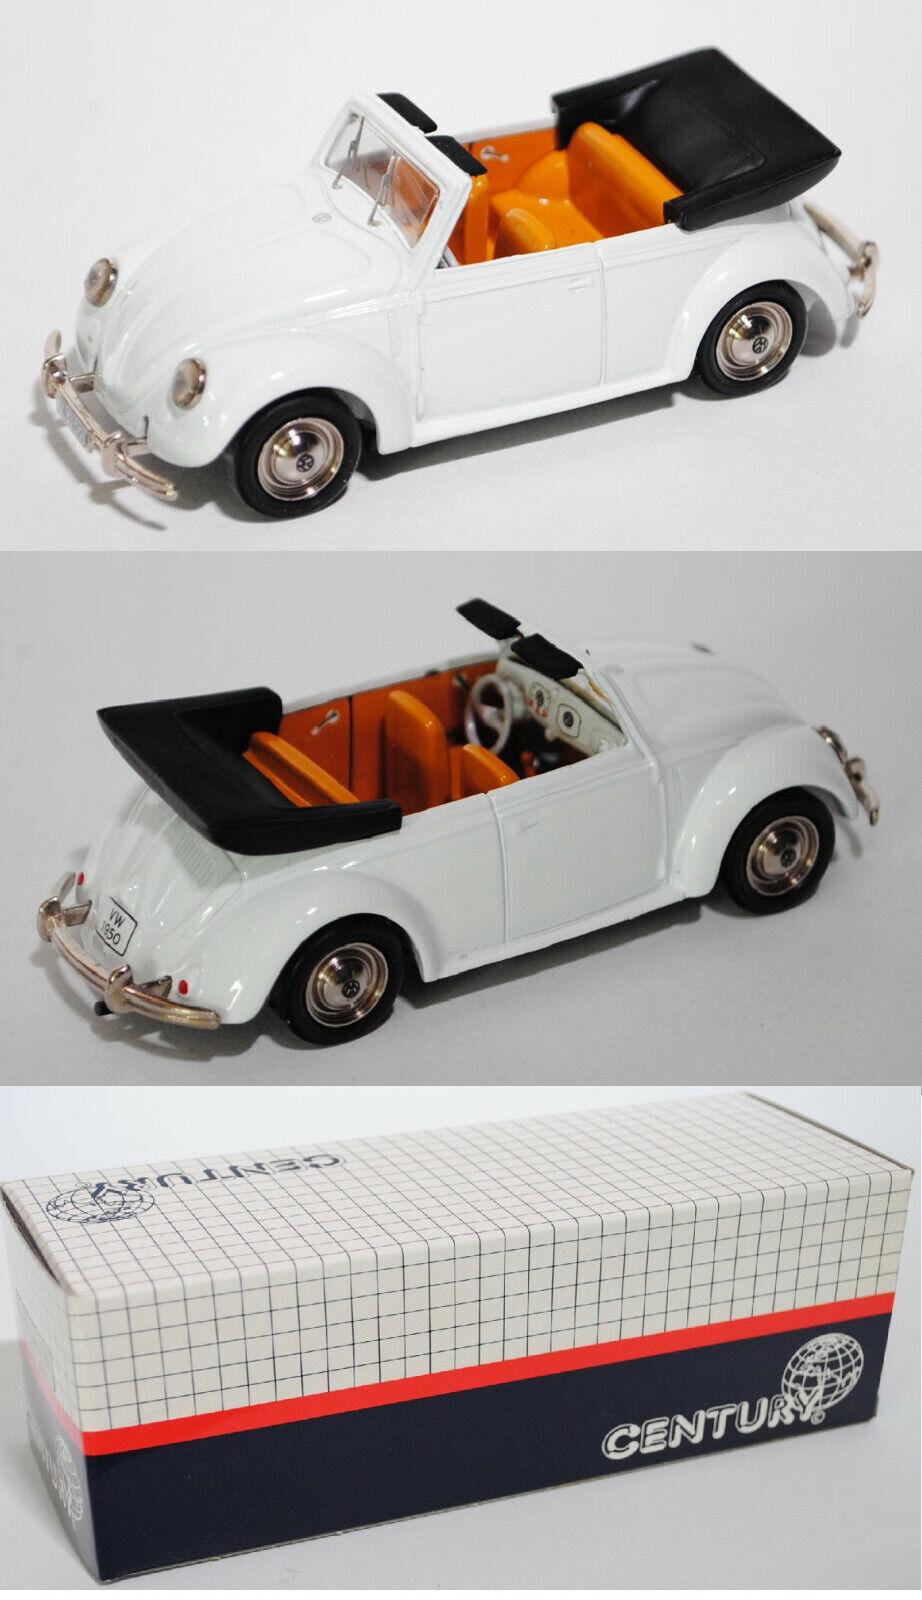 Century 1502 VW BEETLE 1200 CABRIOLET modèle 1950, neuf dans sa boîte